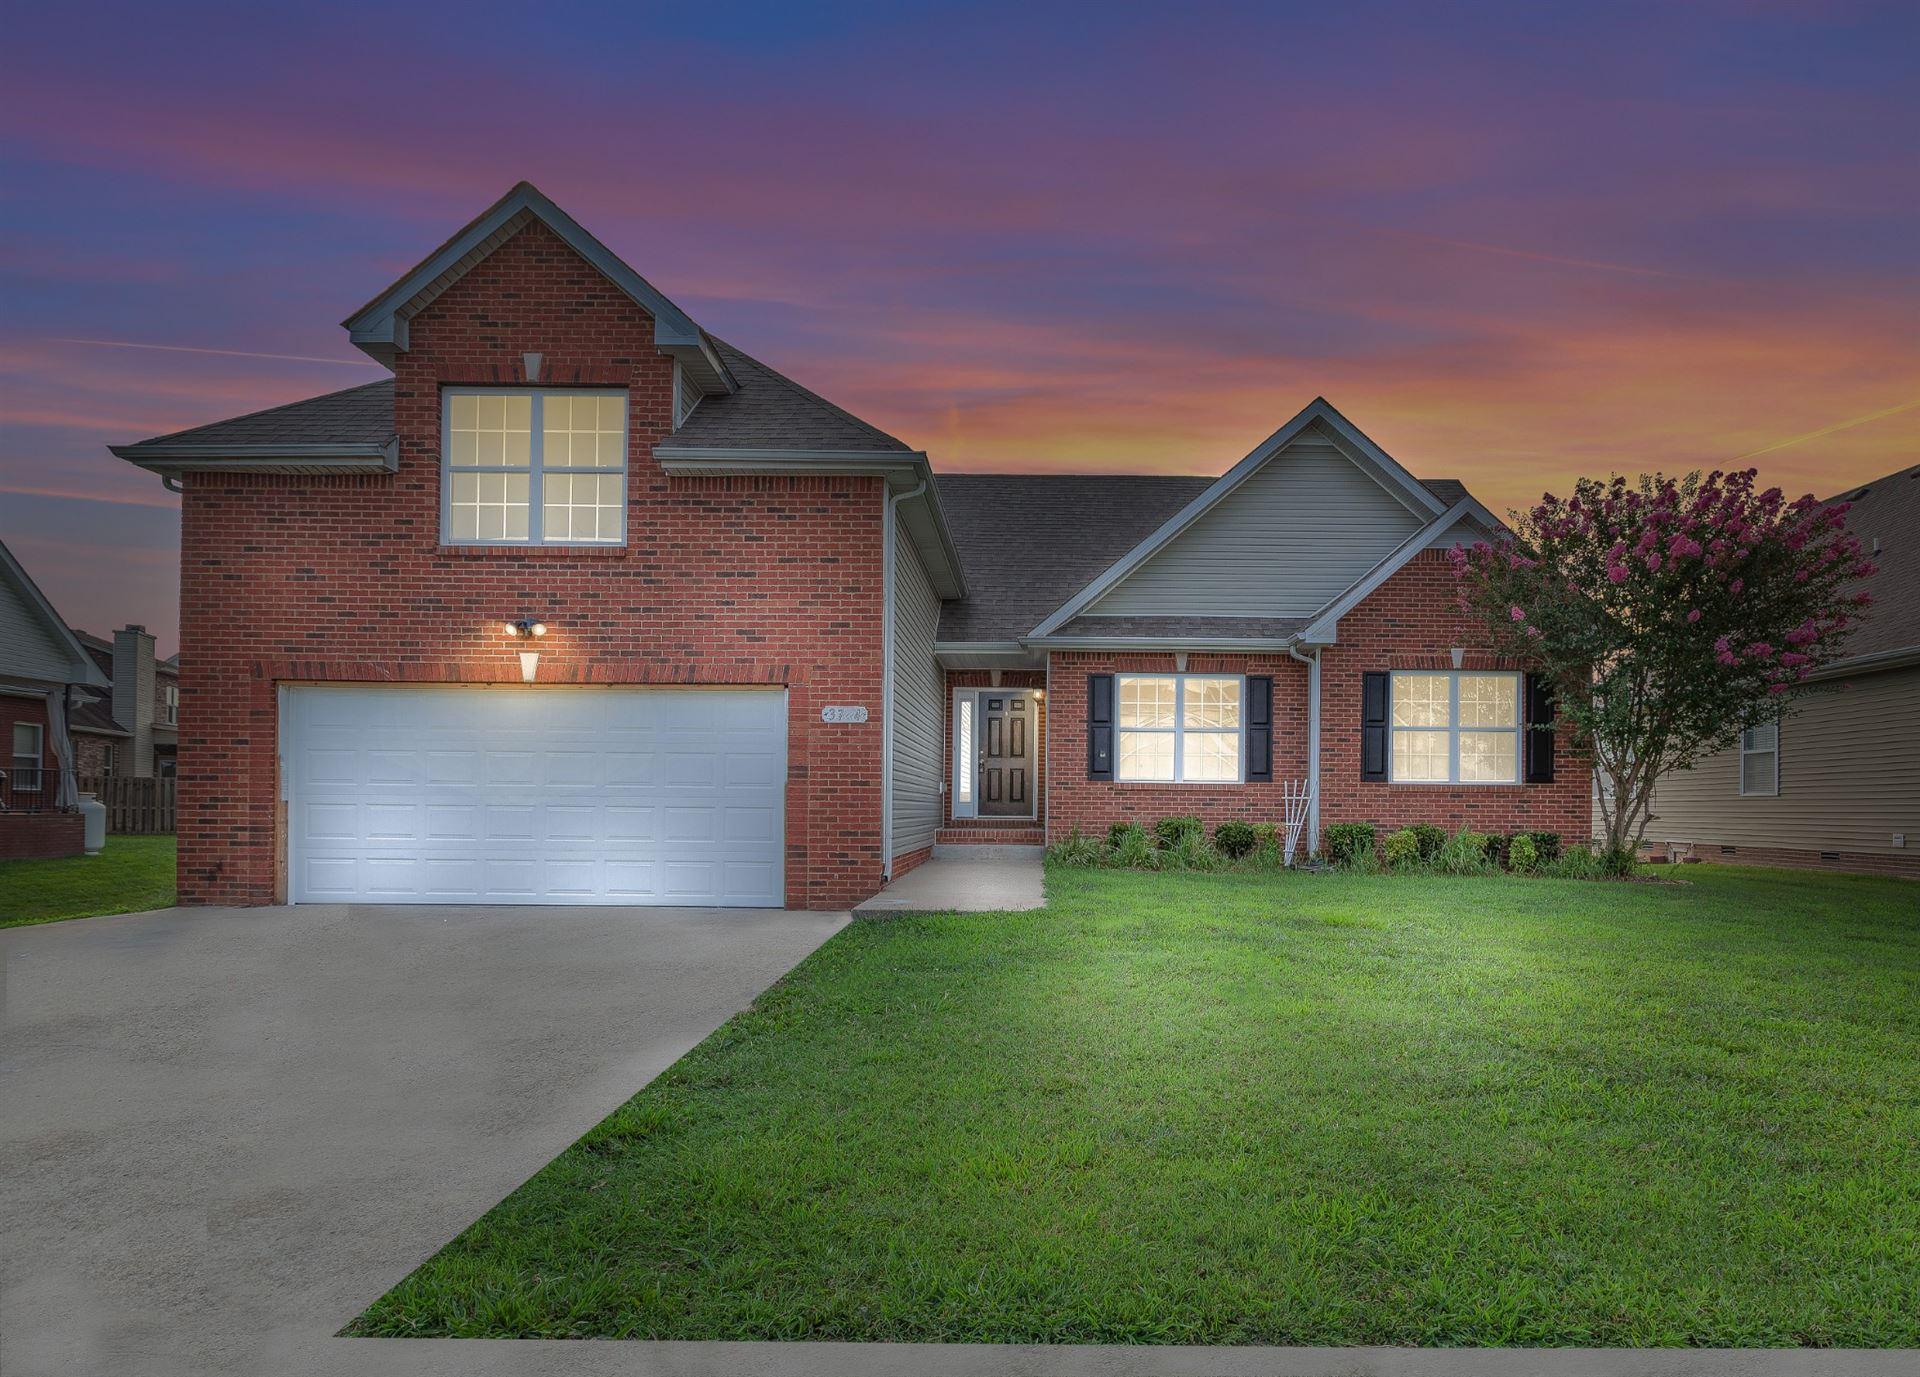 3714 Clearwood Ln, Clarksville, TN 37040 - MLS#: 2276864